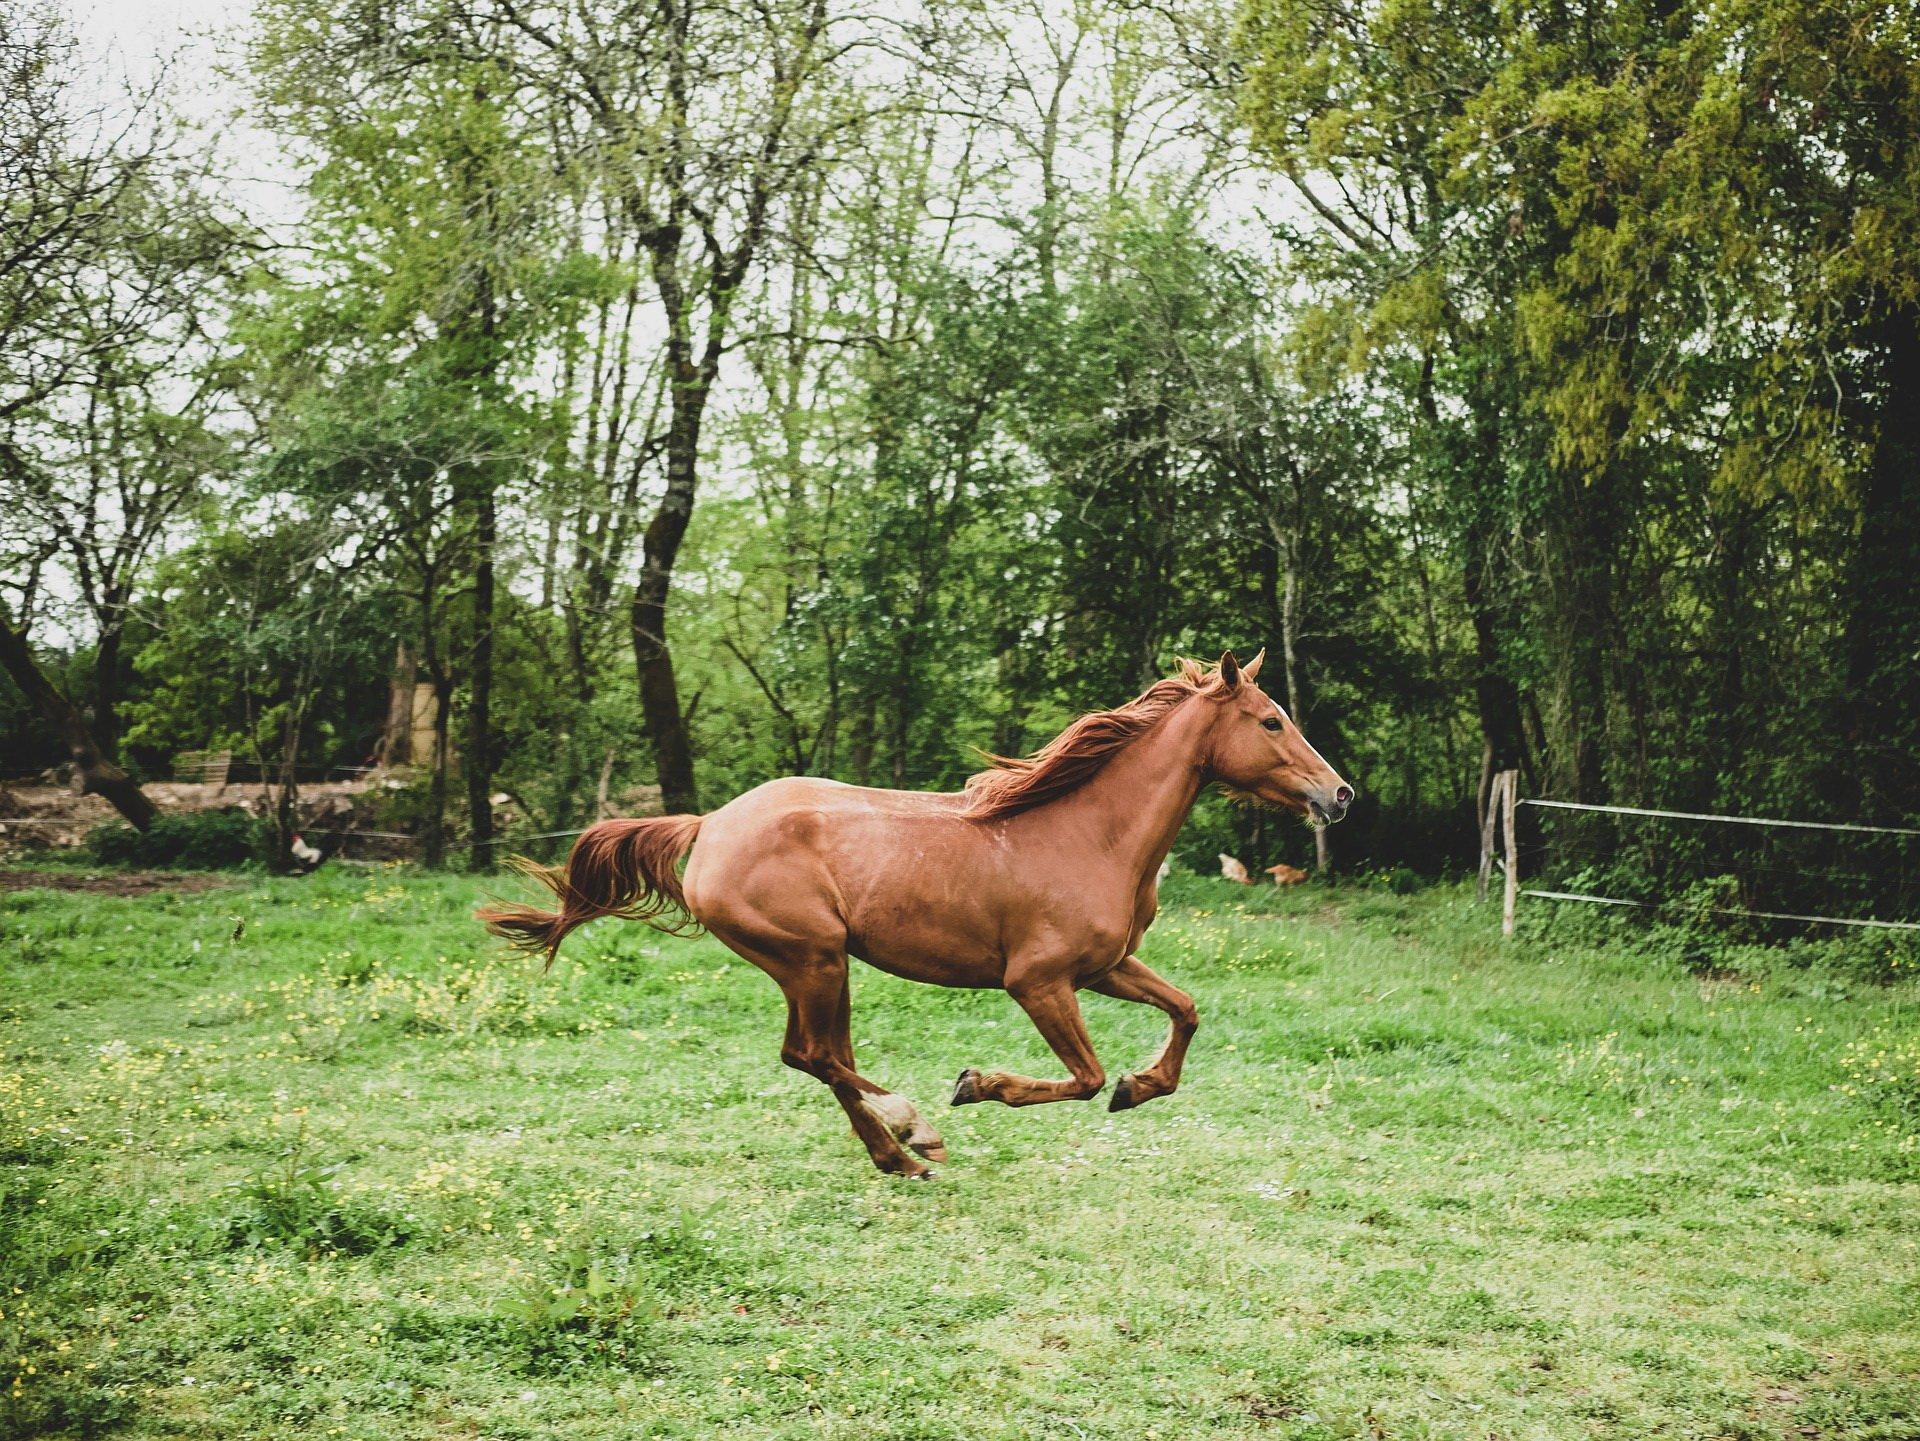 Śmieszna zagadka logiczna o koniu